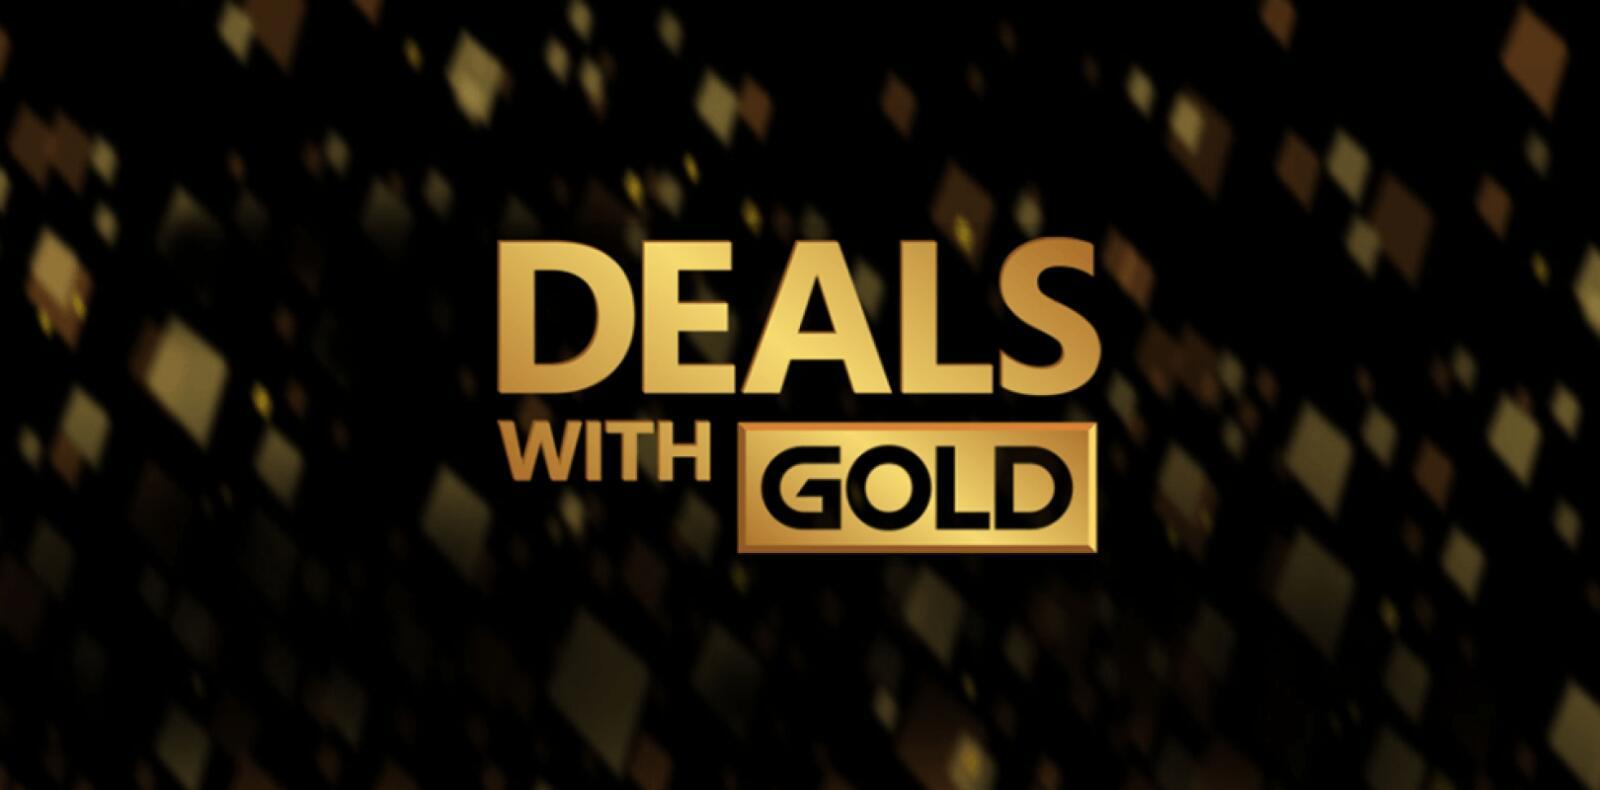 Xbox: Deals With Gold semana del 30 de marzo al 6 de abril de 2021